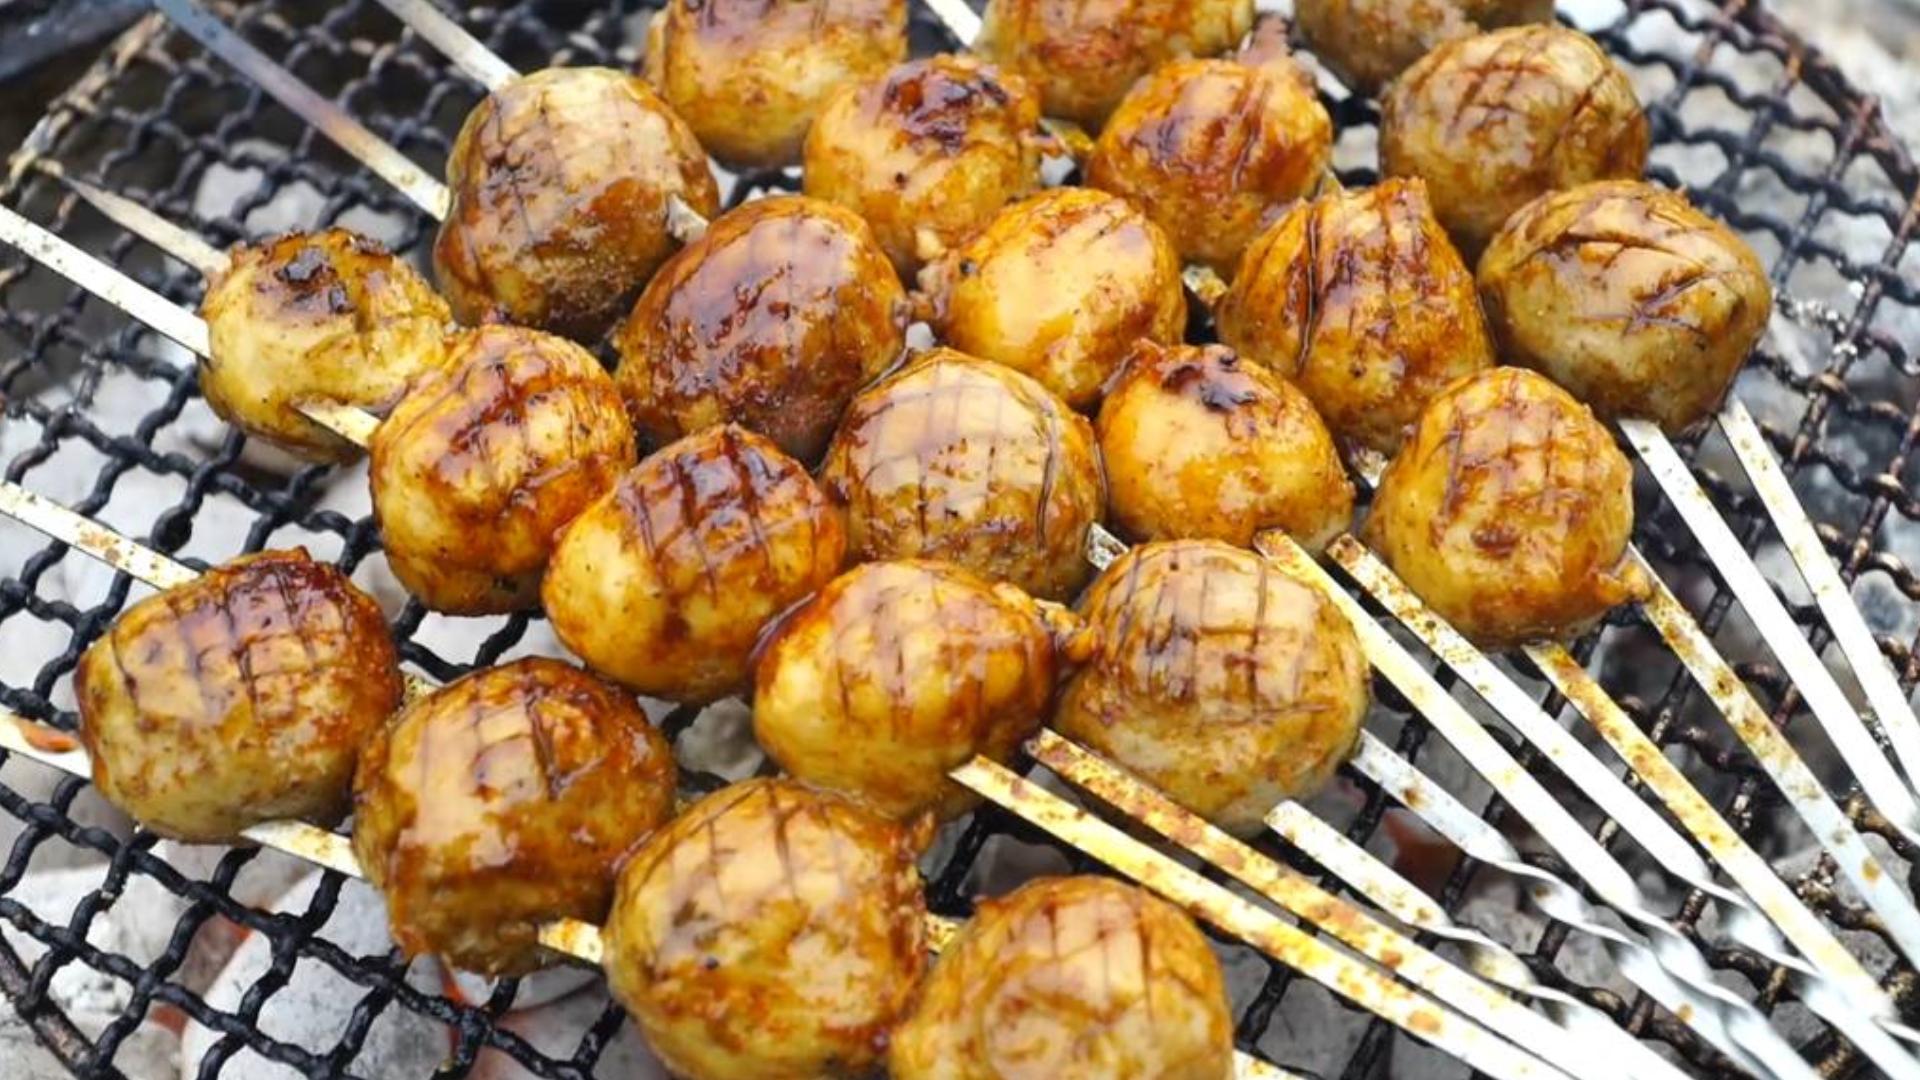 肉丸你吃过,但荒郊野外烤的芝麻肉丸肯定没吃过!太有食欲了!